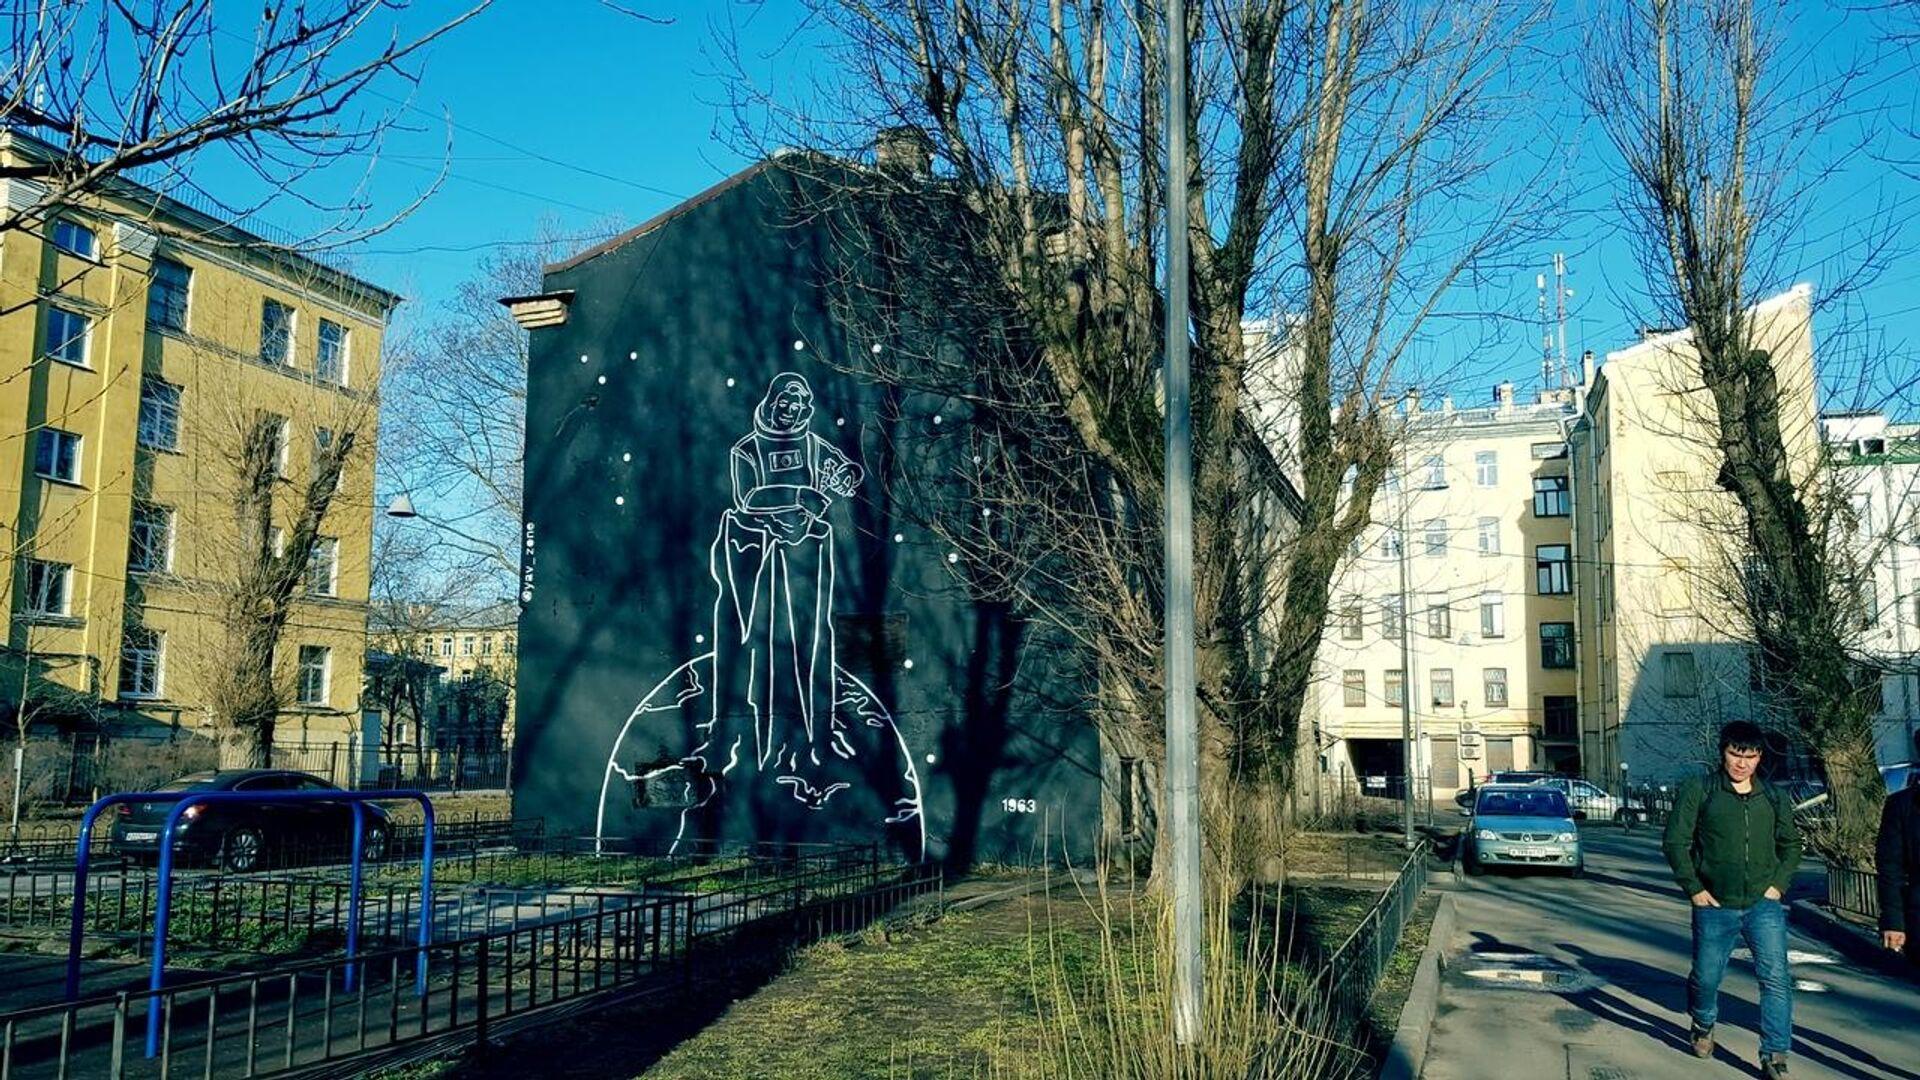 1552638664 0:0:1281:720 1920x0 80 0 0 e8c705e3940a32d6c7d5d205bd40dda8 - В Петербурге ввели мораторий на закрашивание граффити